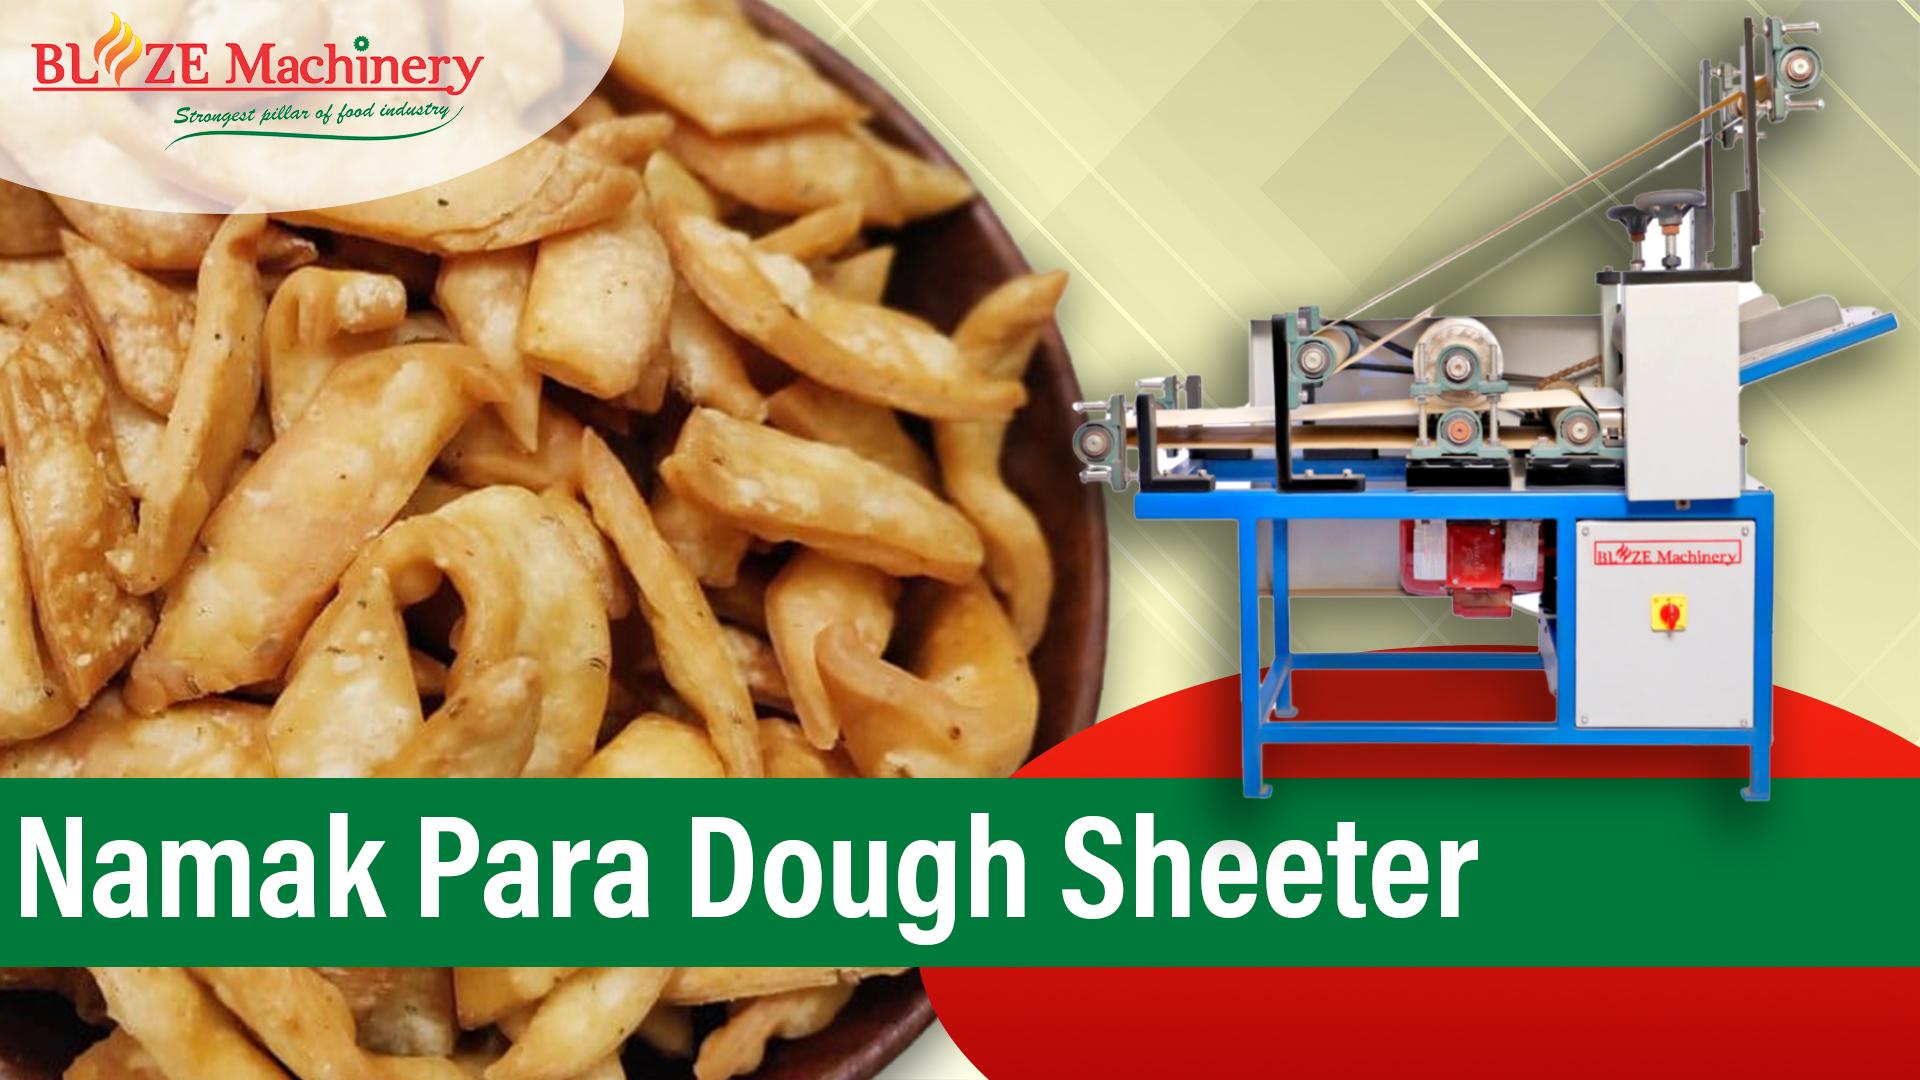 Namak Para Dough Sheeter